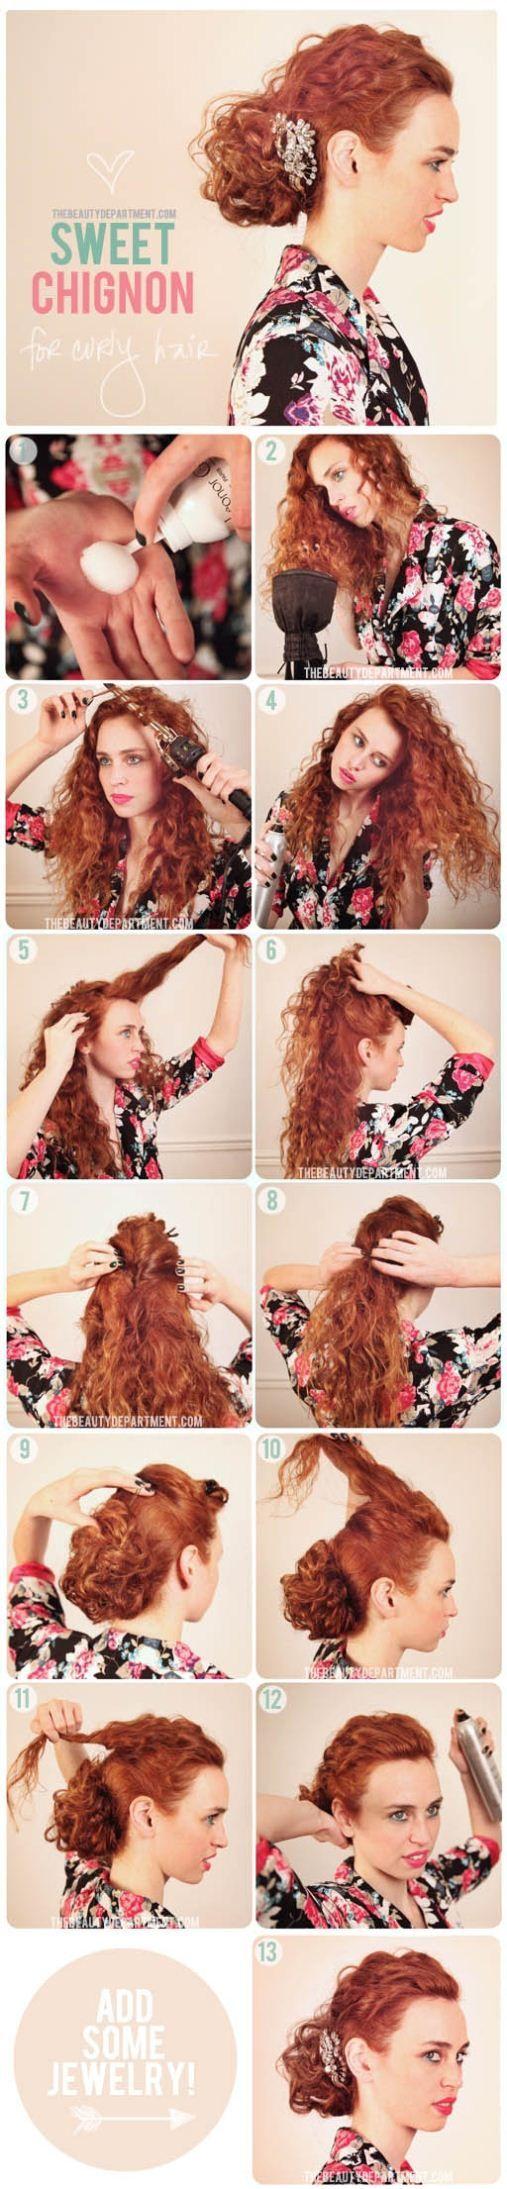 Какую можно сделать прическу на кудрявые волосы средней длины фото